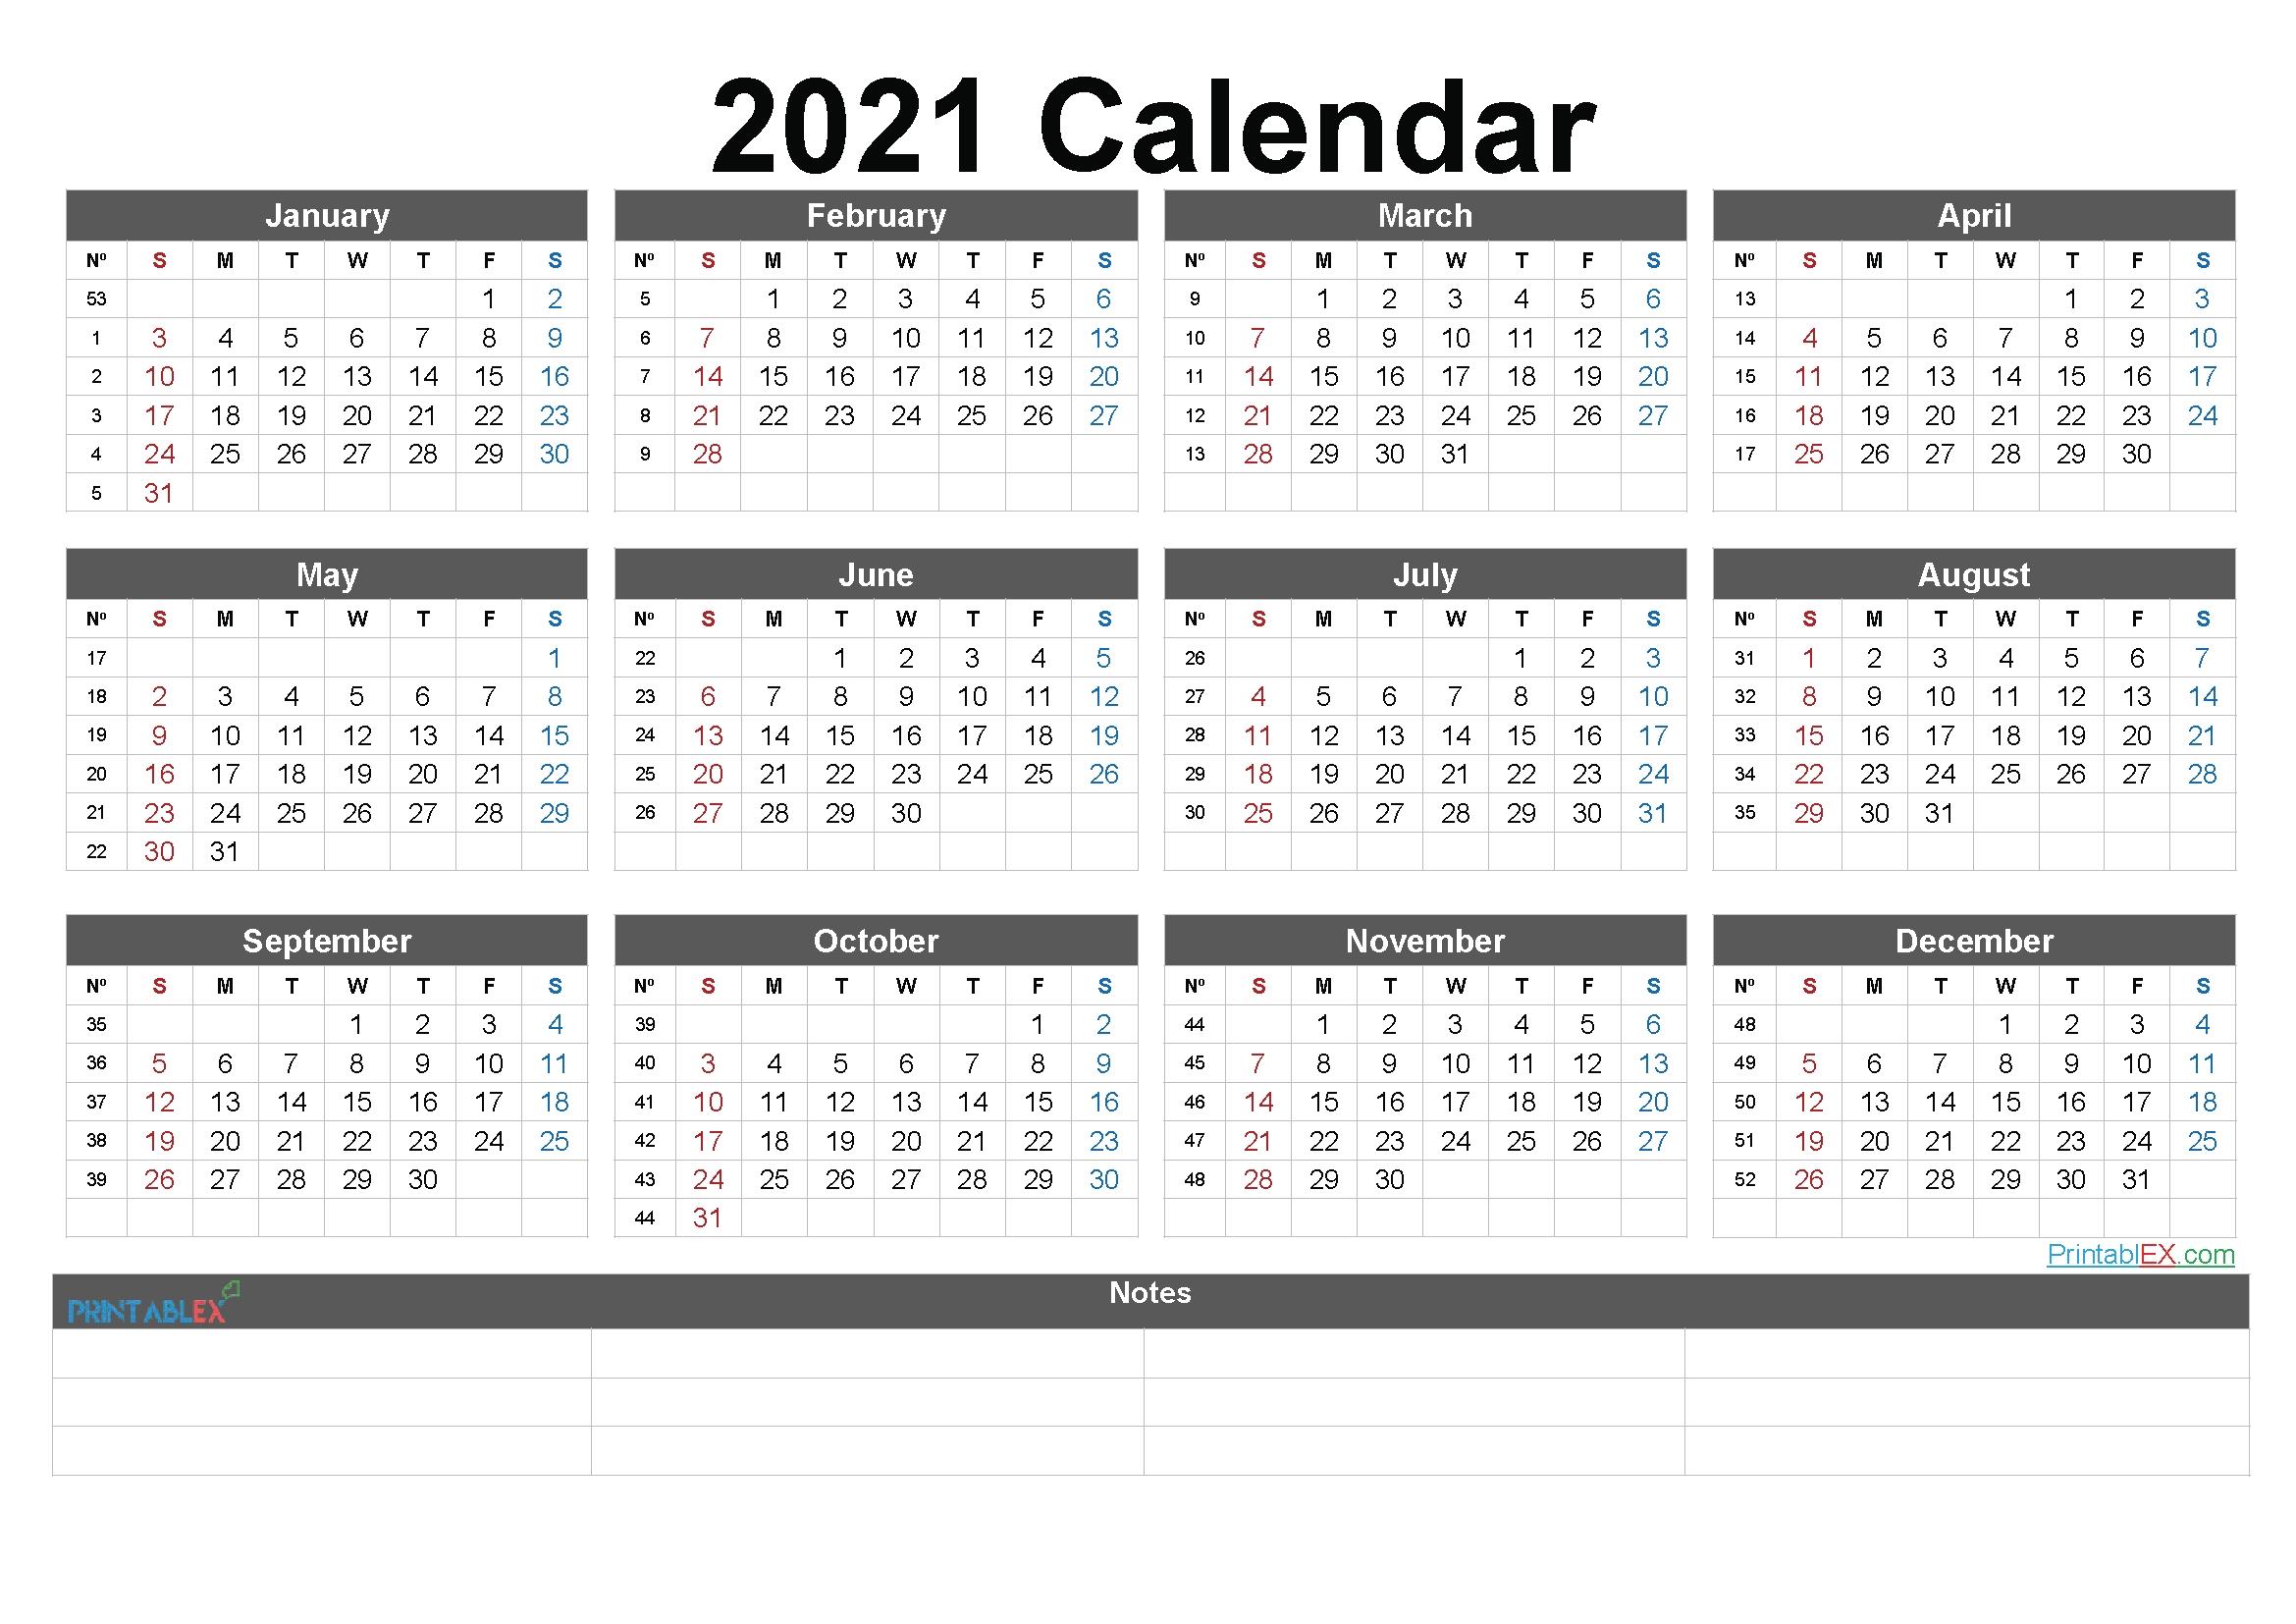 2021 Calendar In Excelweek | Calendar Printables Free